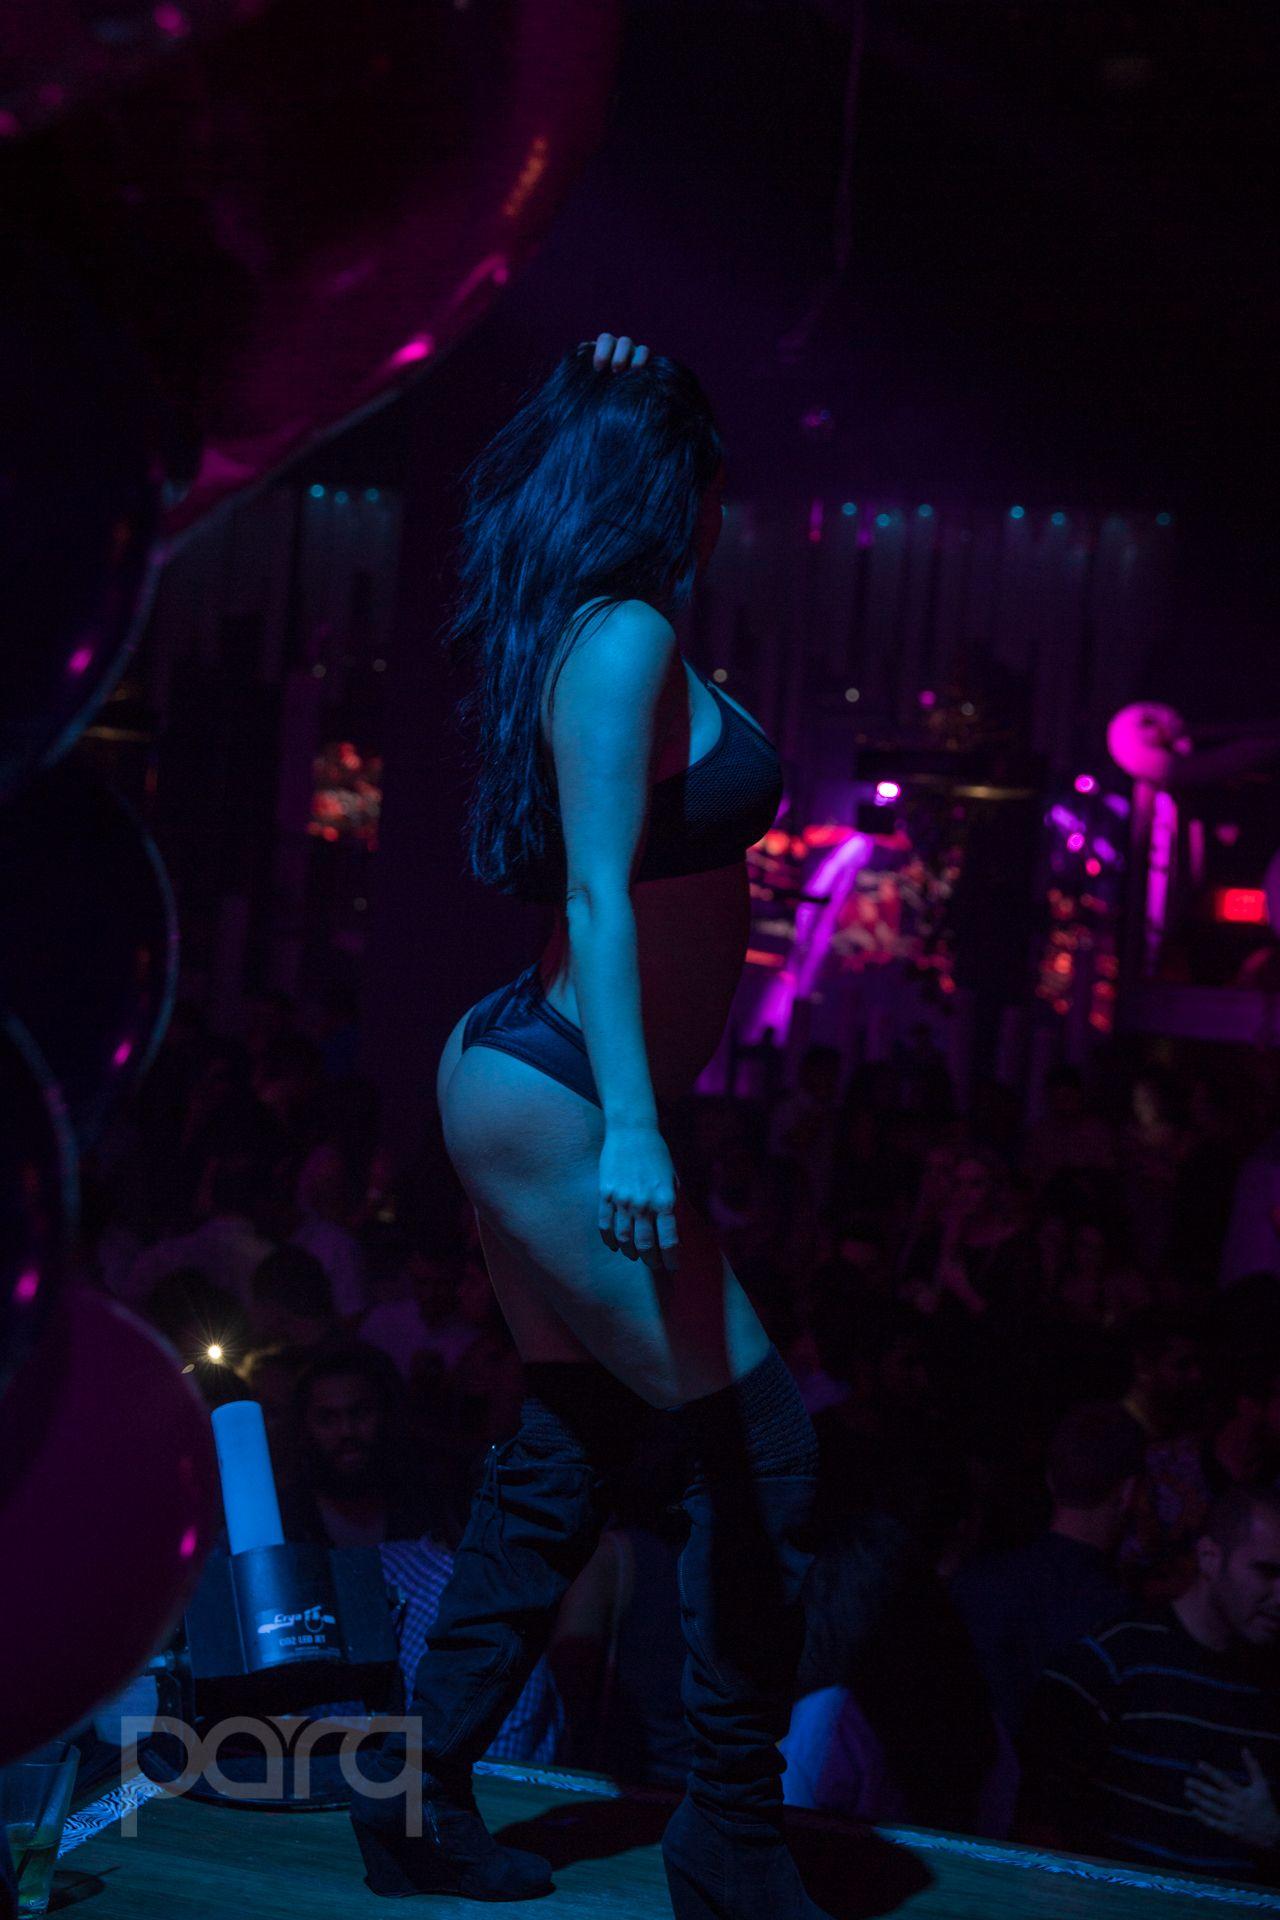 San-Diego-Nightclub-DJ Ikon-9.jpg